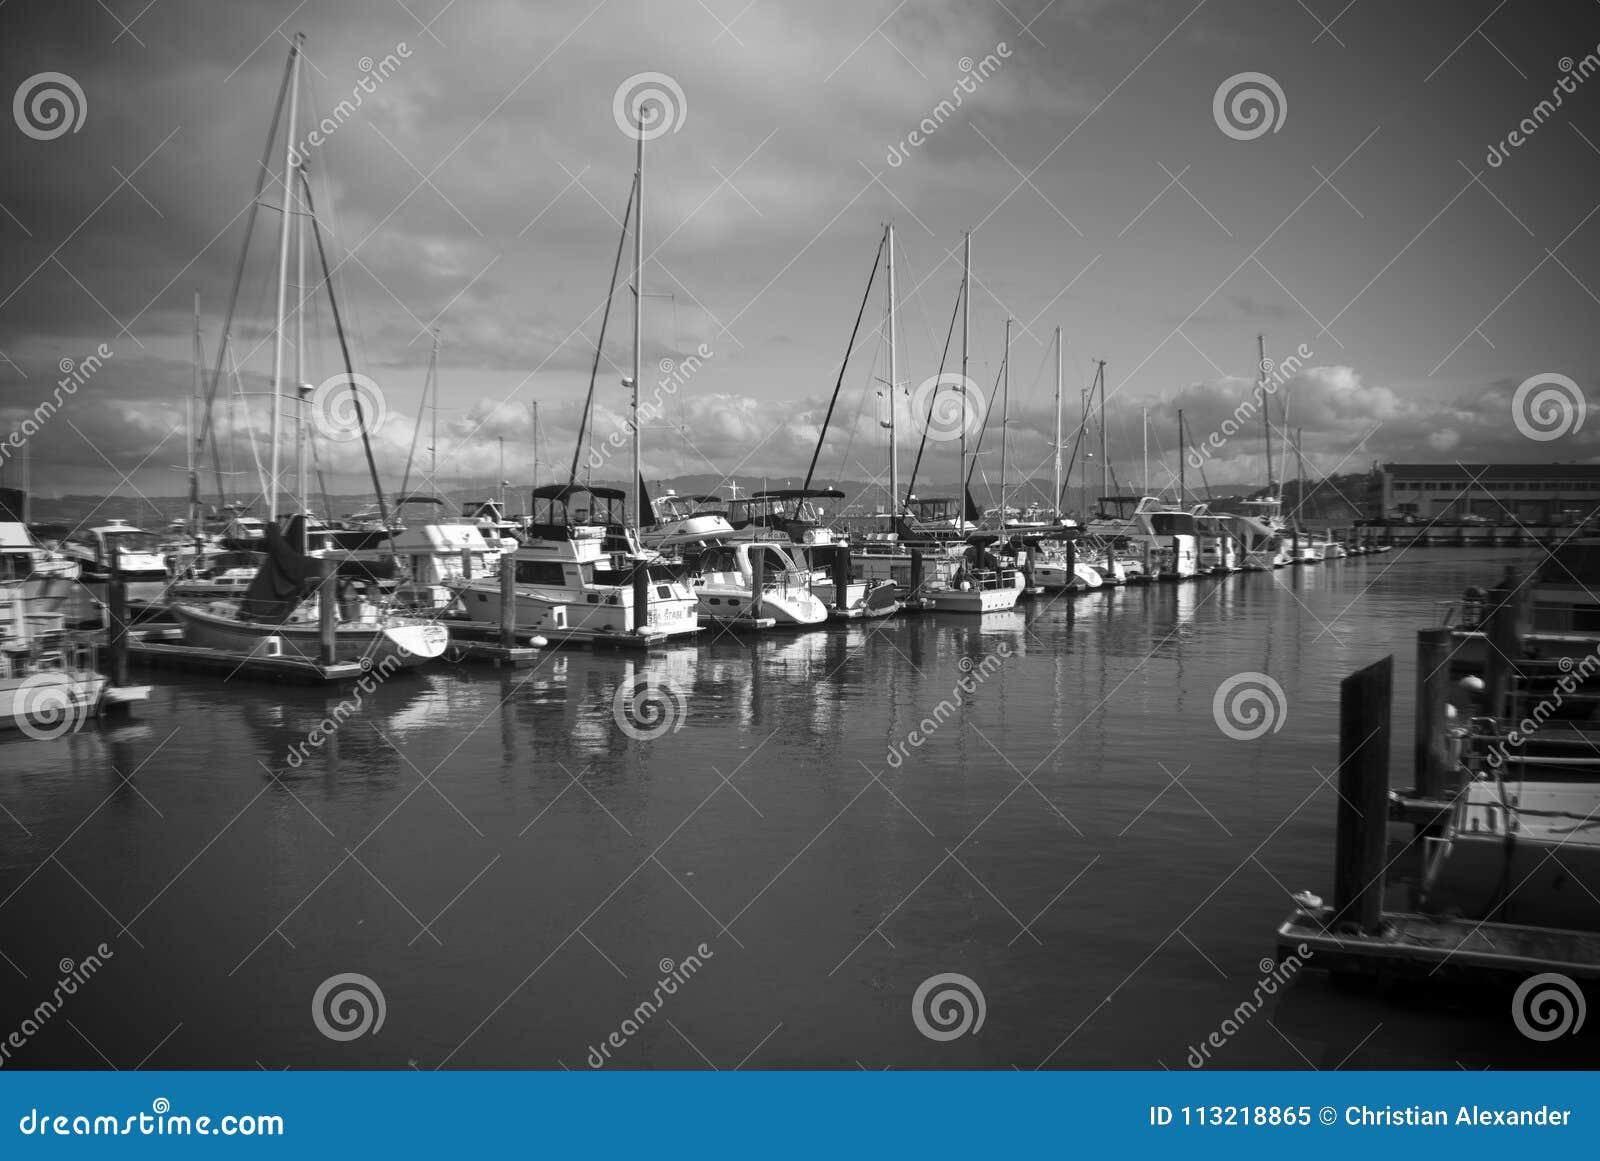 Boten bij een jachthaven worden vastgelegd die